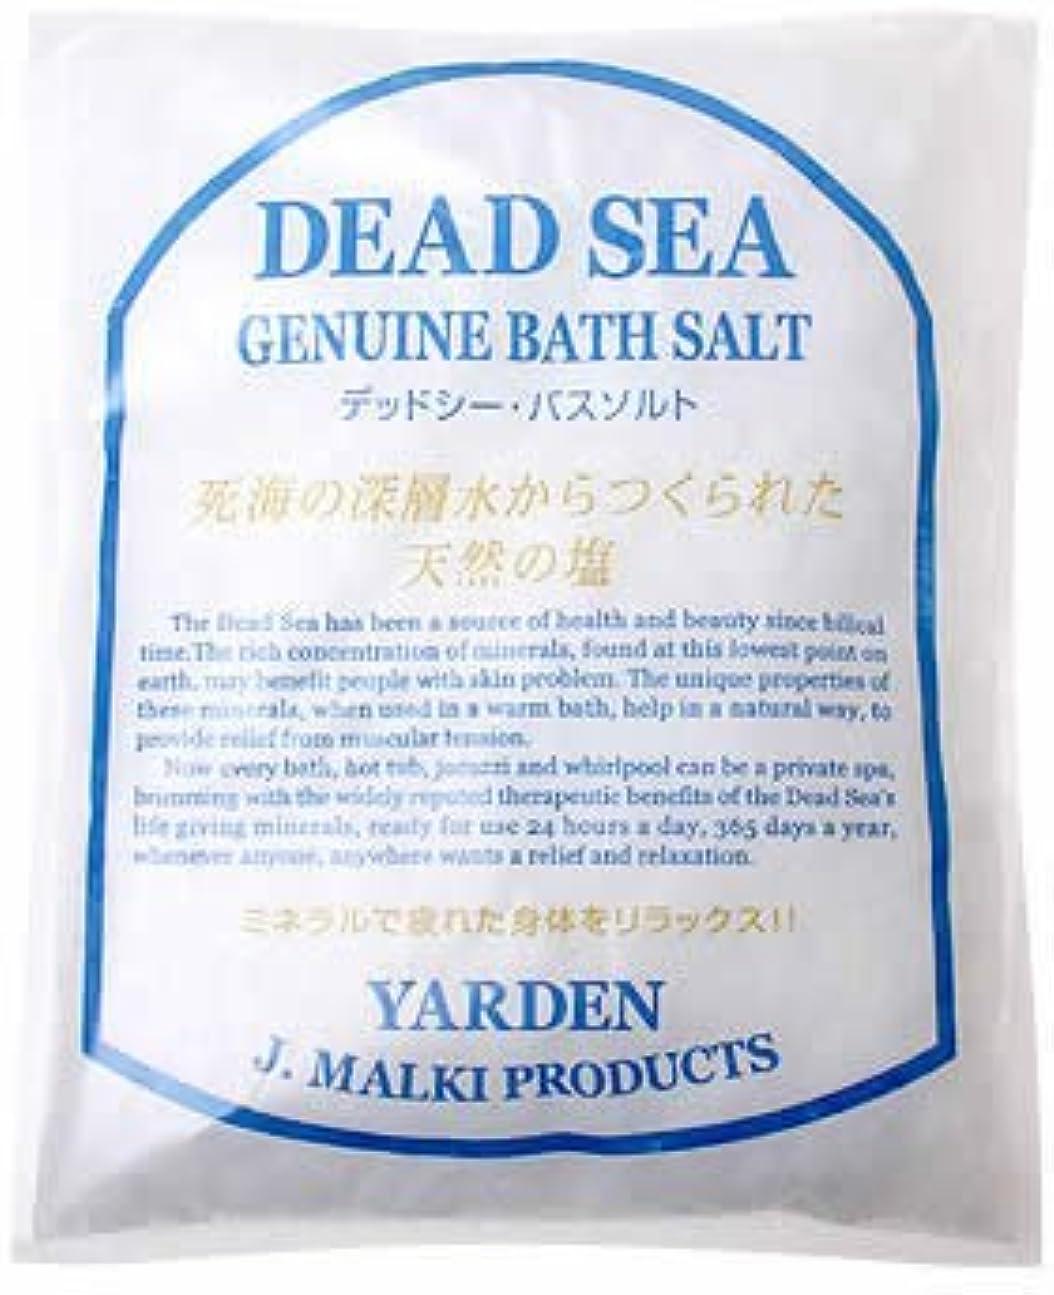 アルファベット順に沿って南西J.M デッドシー?バスソルト(GENUINE BATH SALT) 100g